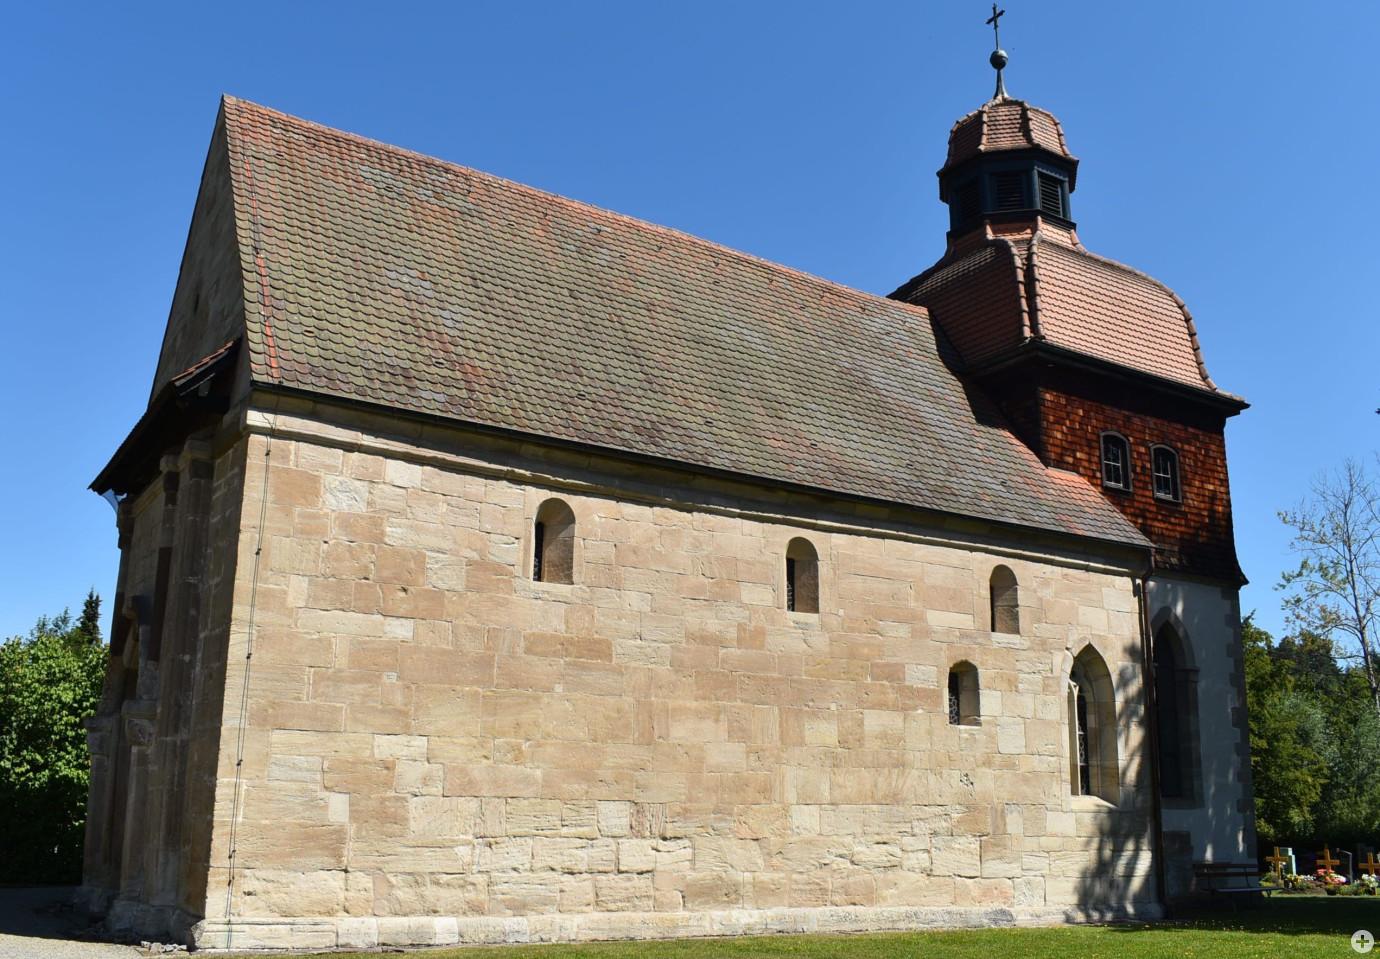 Anblick auf die Weiler Kirche von außen bei blauem Himmel